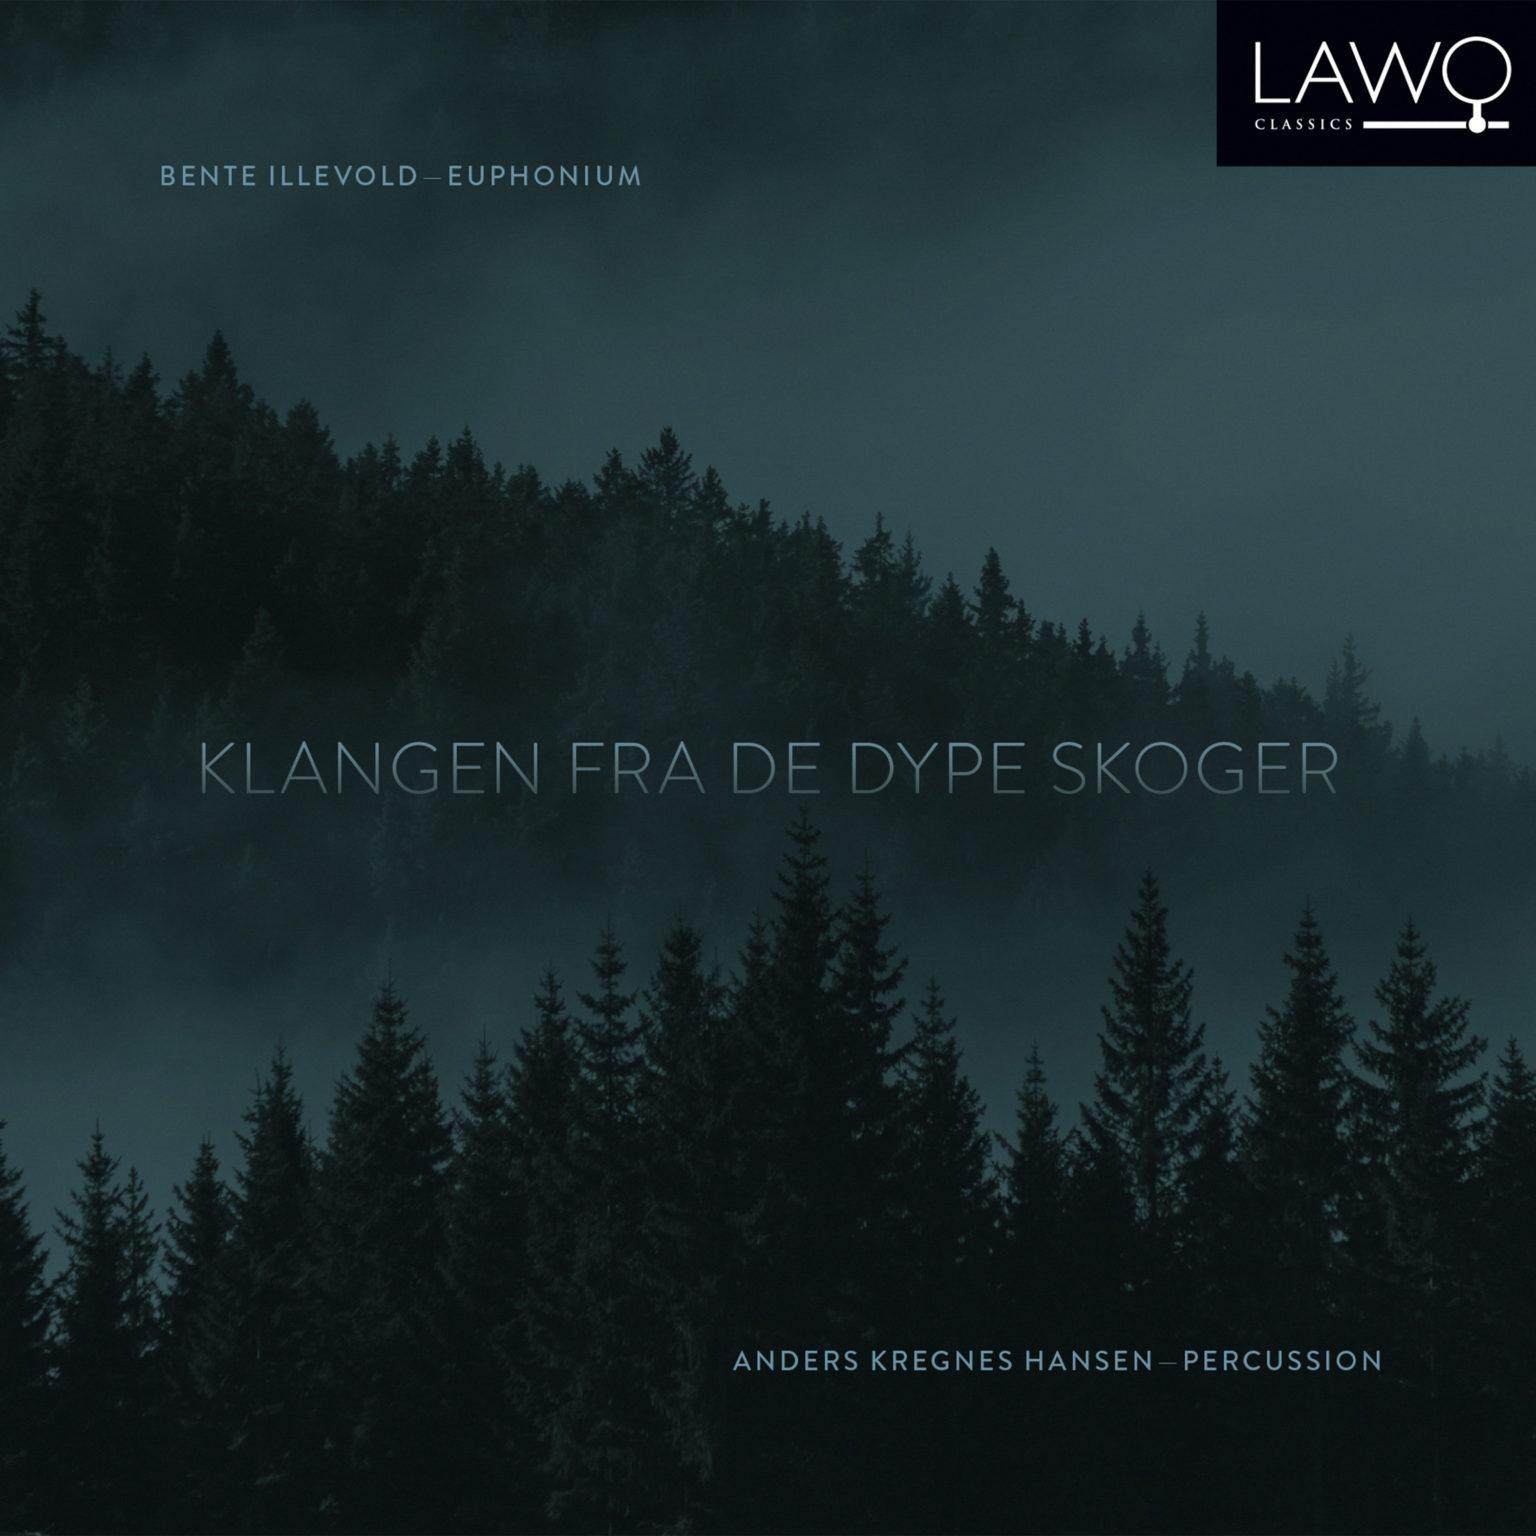 Click image for larger version.  Name:LWC1195_Bente_Illevold_Klangen_fra_de_dype_skoger_cover_3000x3000px-1536x1536.jpg Views:870 Size:174.8 KB ID:7720